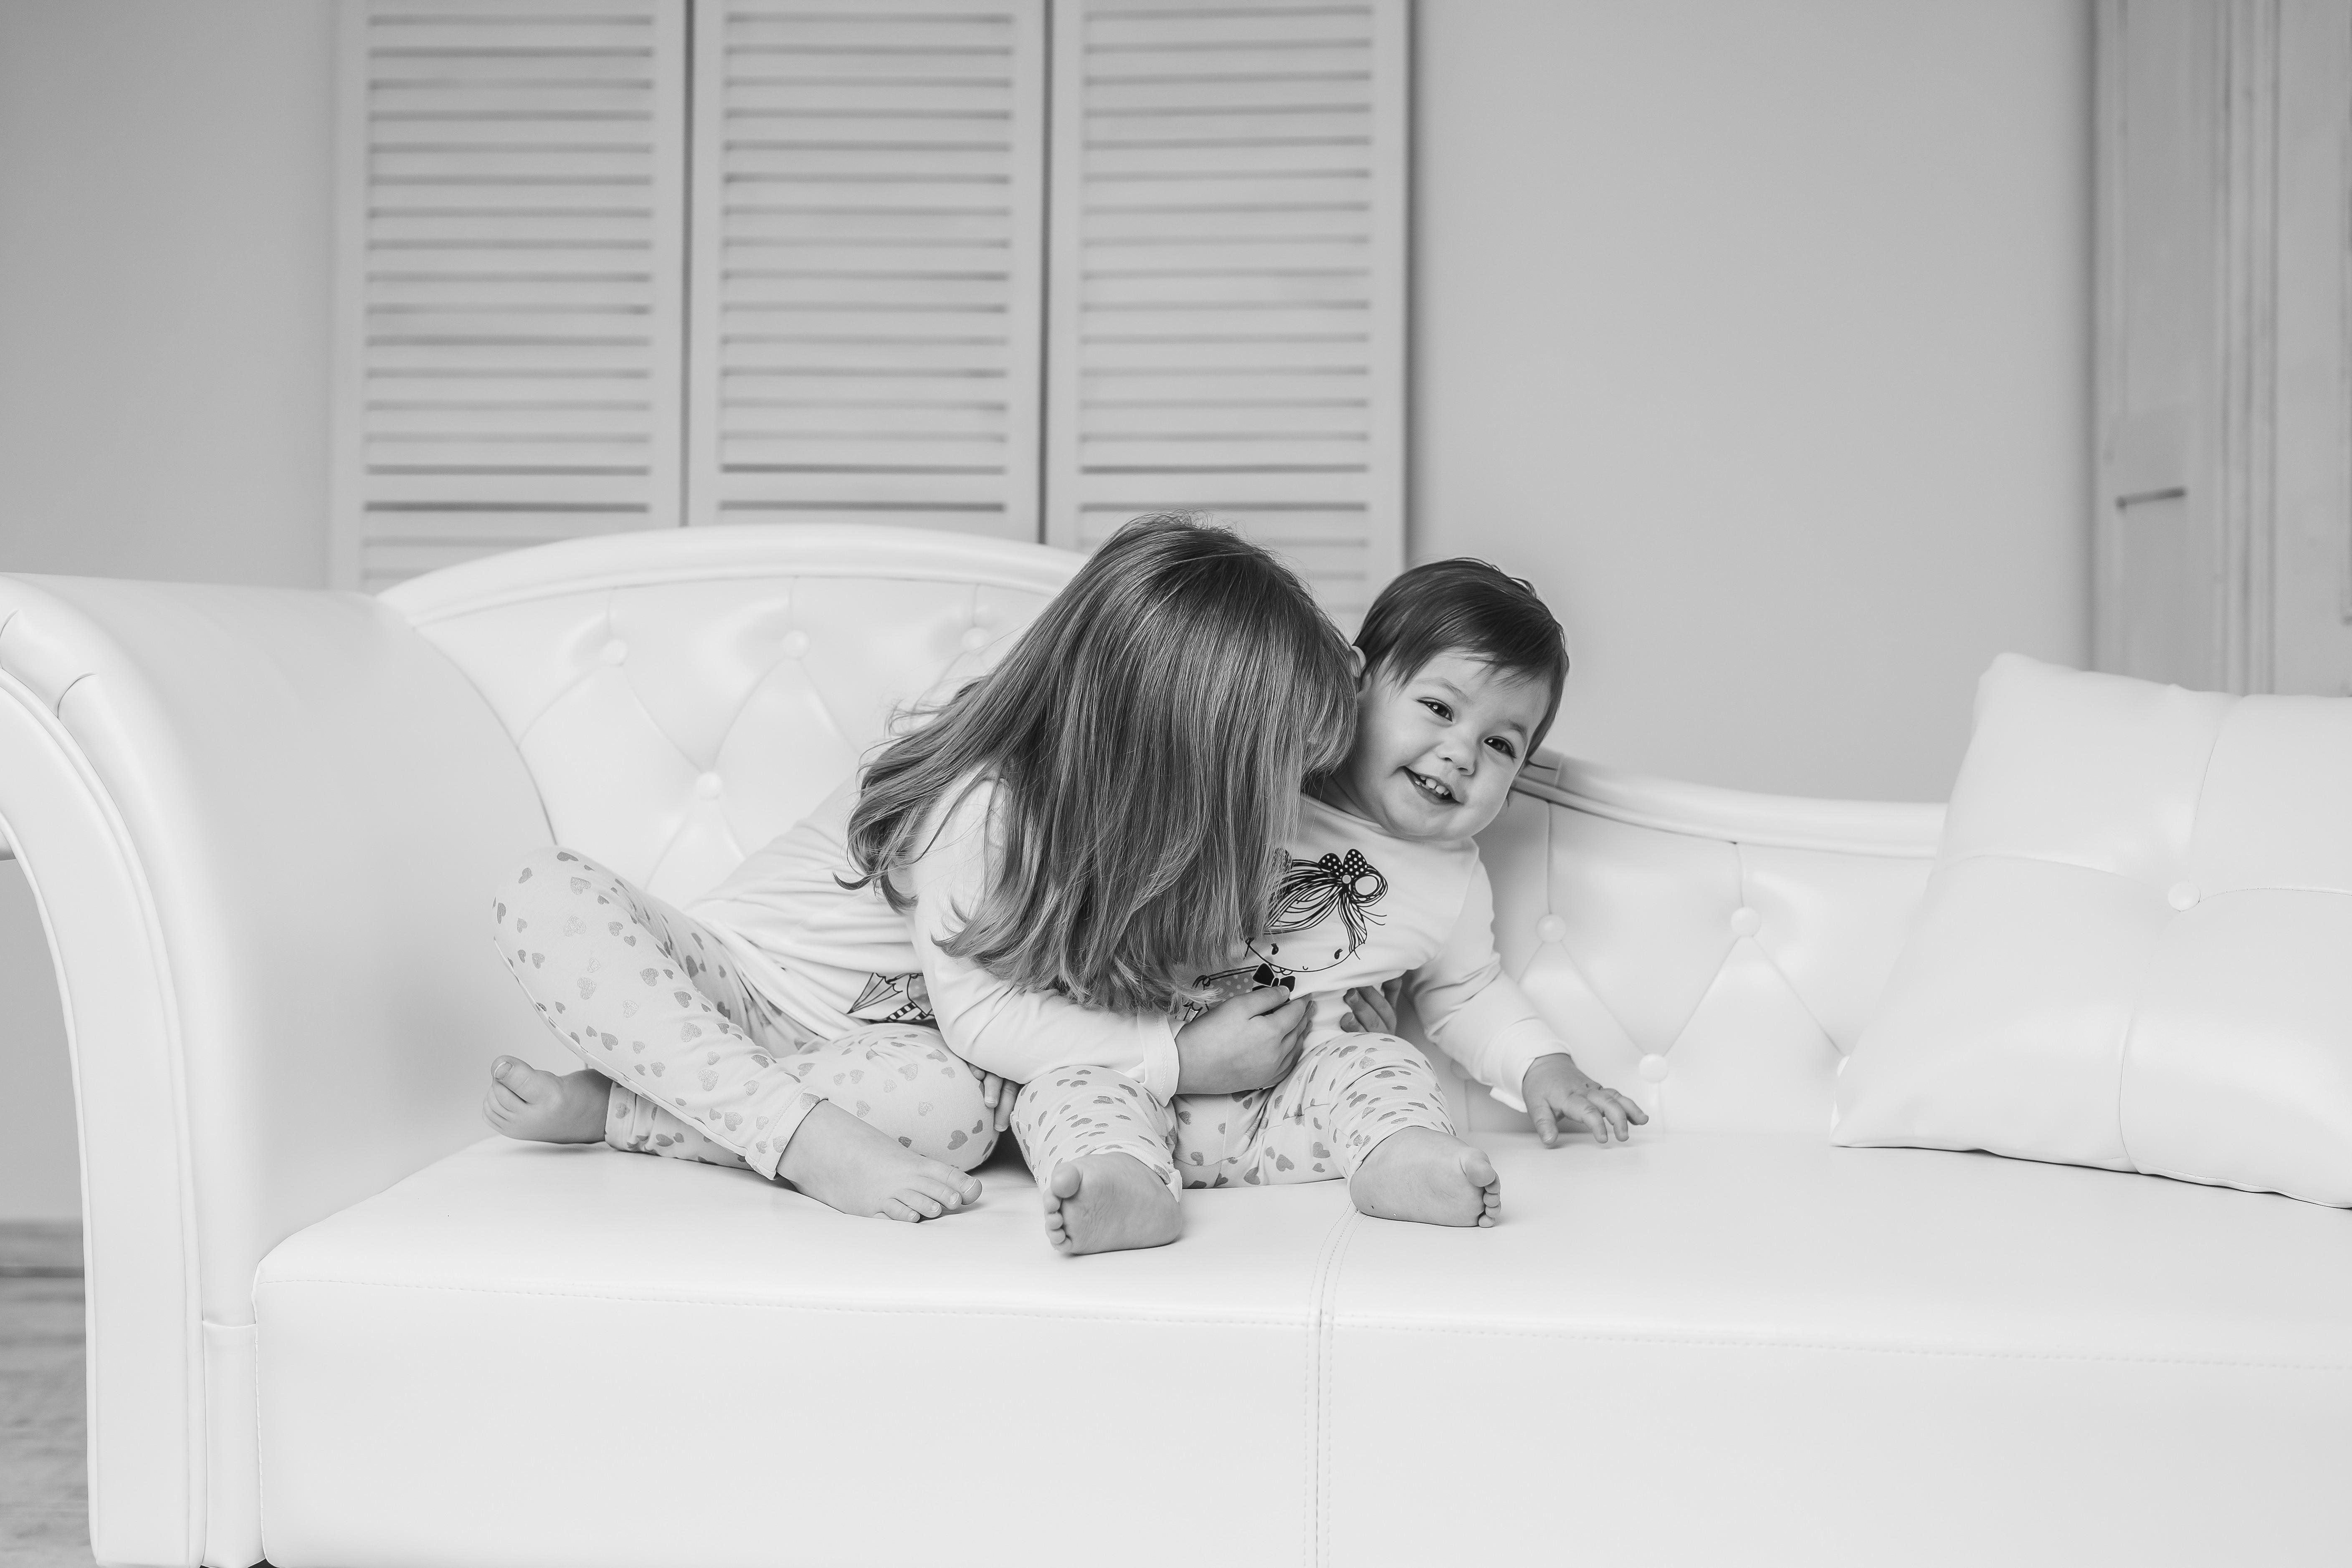 családi fotózás, family photo, baba fotózás, baba foto, gyerek fotó, gyerek fotózás, Budapest, Győr, Esztergom, Tata, Dorog, Székesfehérvár, Zugló, Pilisvörösvár, Piliscsaba,